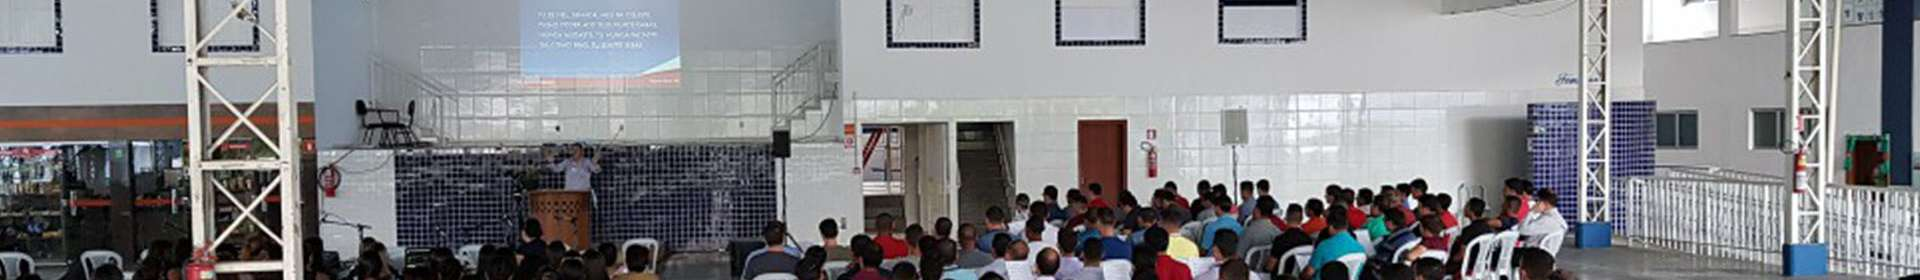 Igreja Cristã Maranata realiza Encontro de Louvor em Manhuaçu, MG